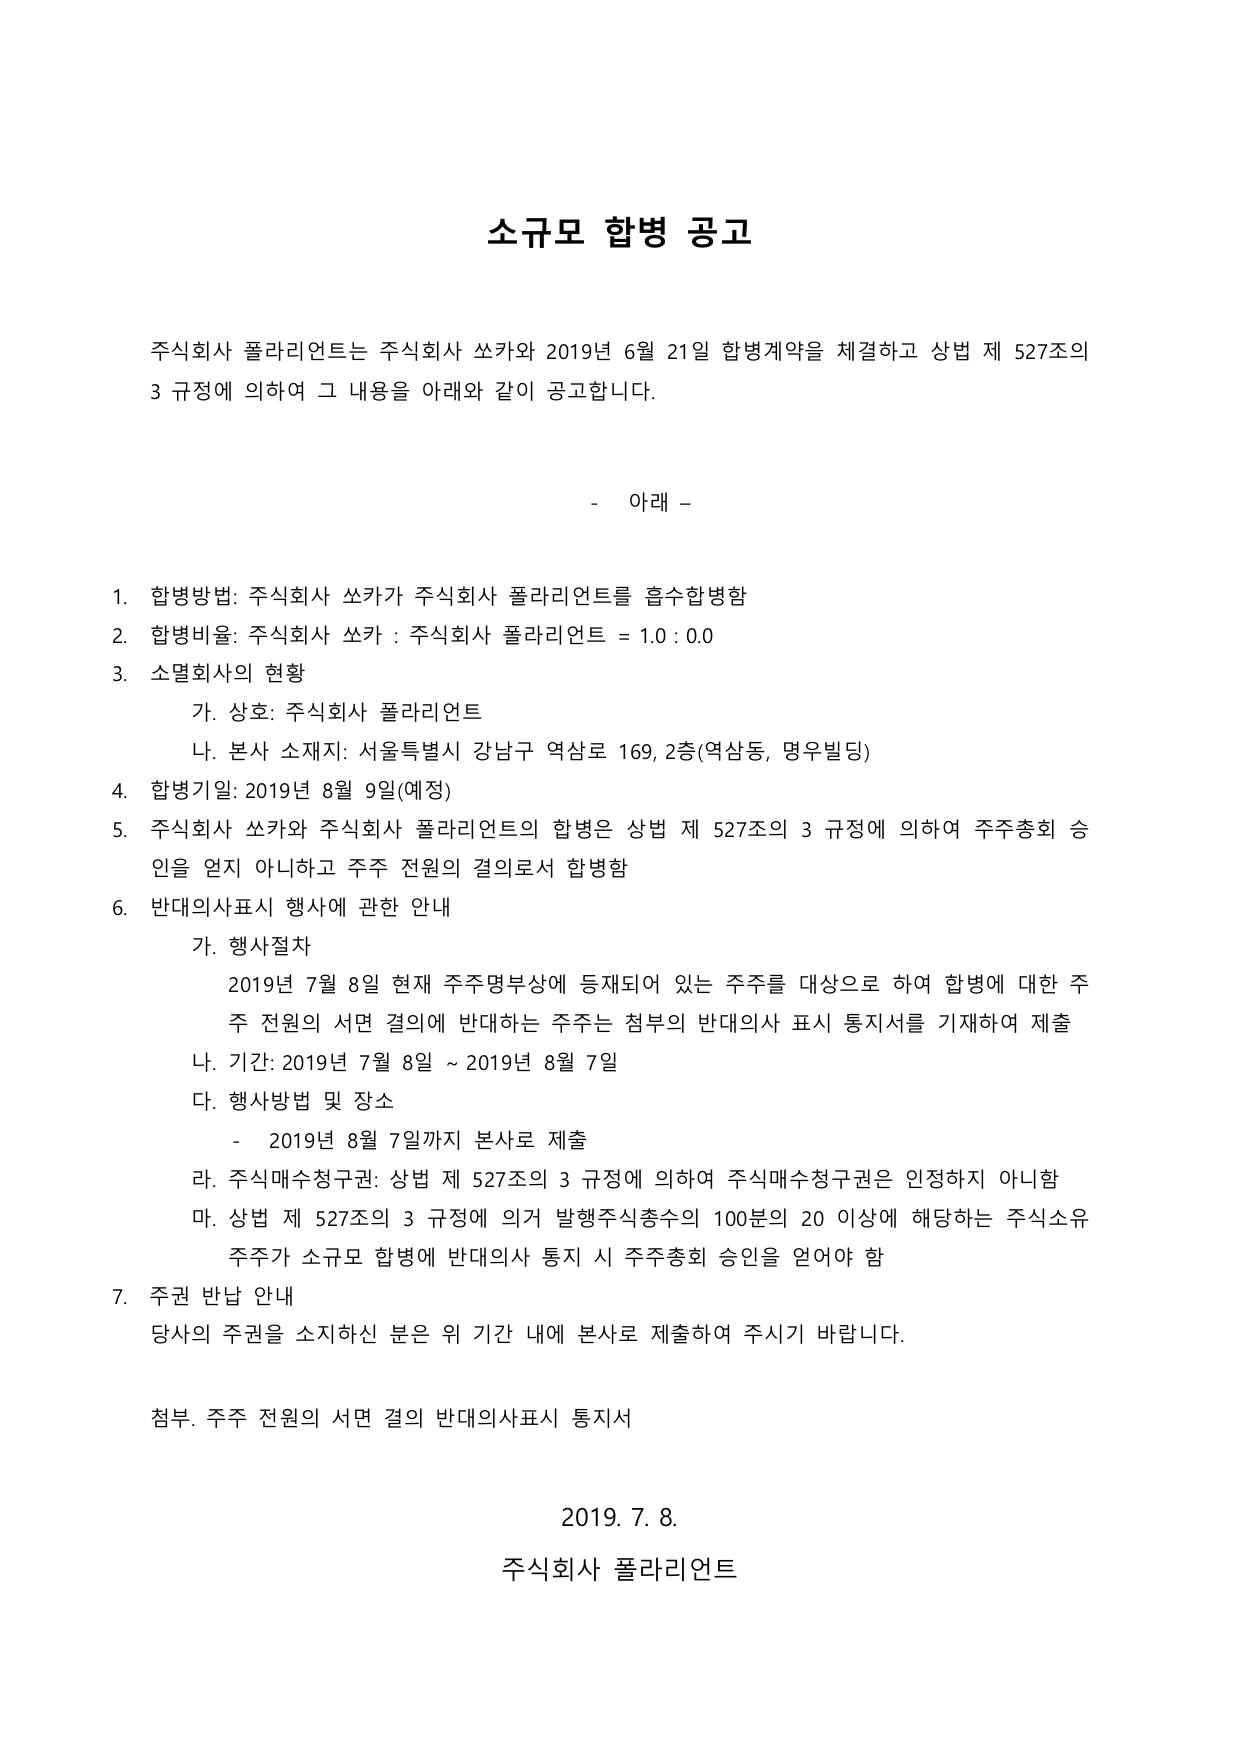 폴라리언트_소규모 합병 공고.png